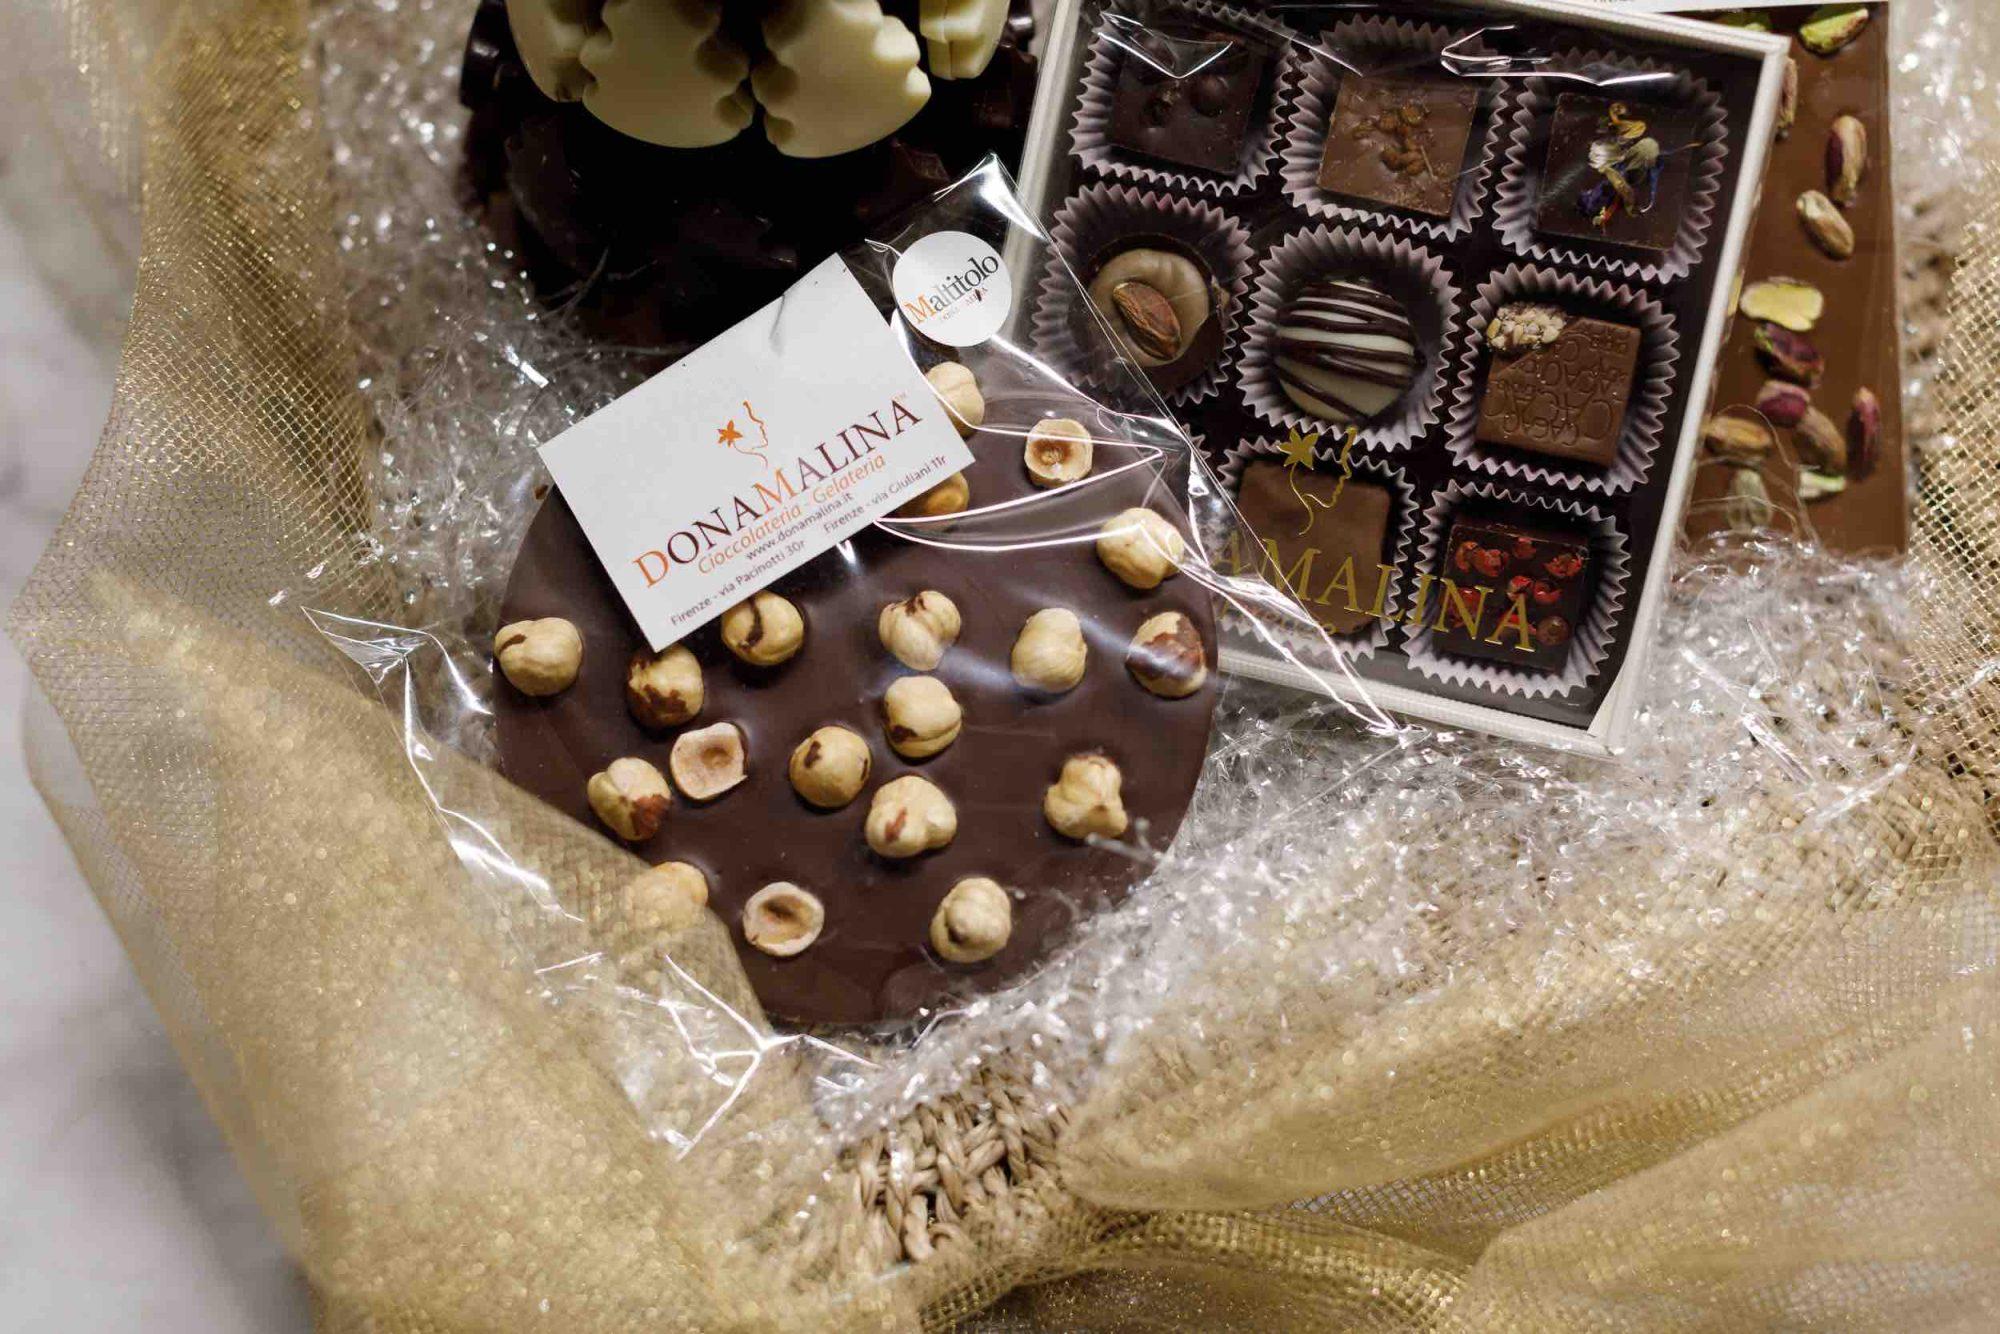 DonaMalina, botteghe di cioccolateria e gelateria a Firenze, produce deliziose creazioni Artigianali per gli tutti gli amanti della dolcezza.